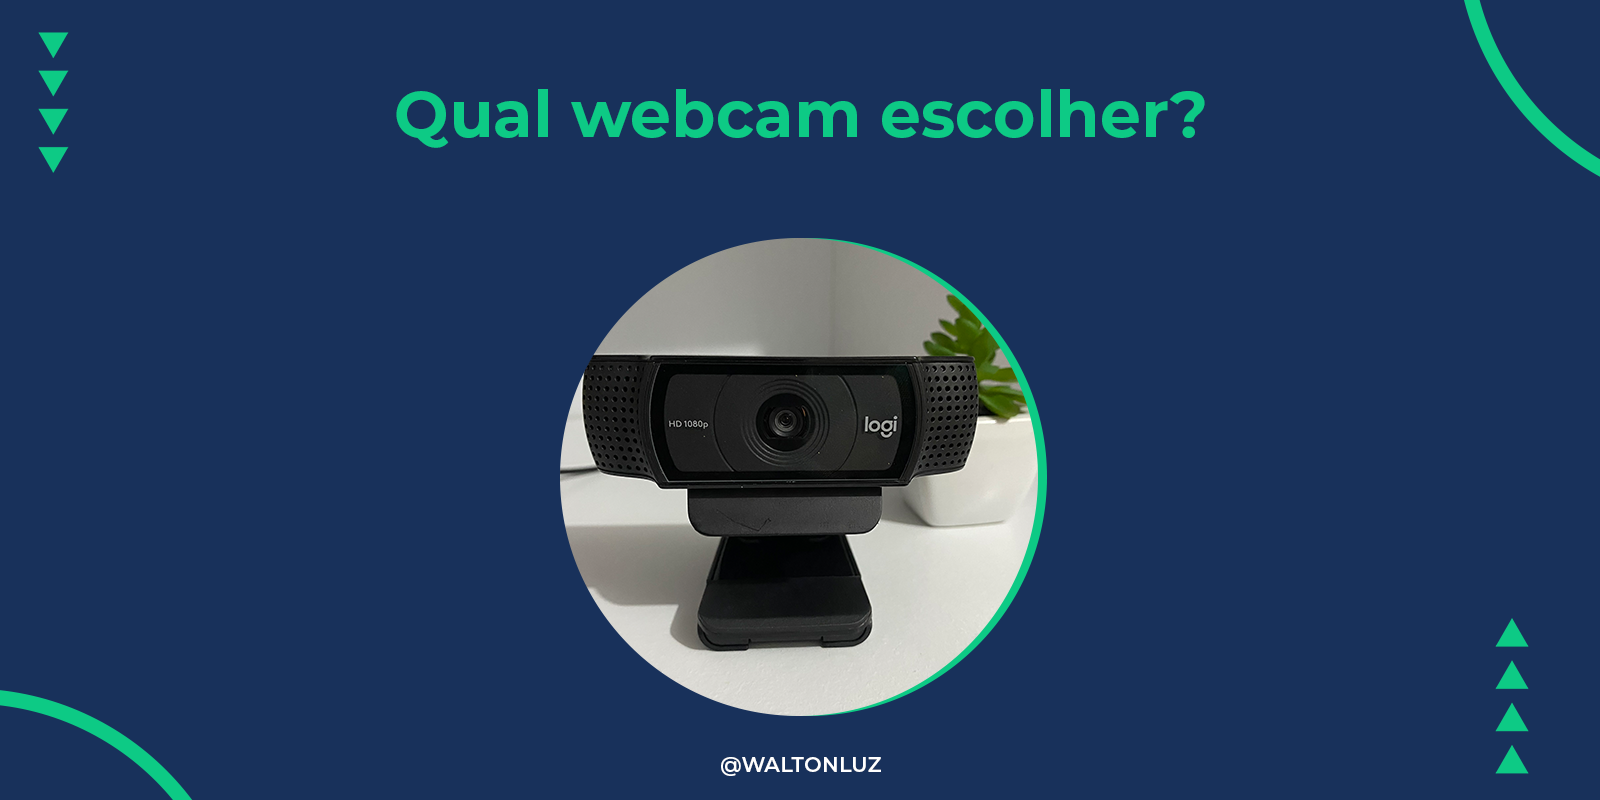 Qual webcam escolher?